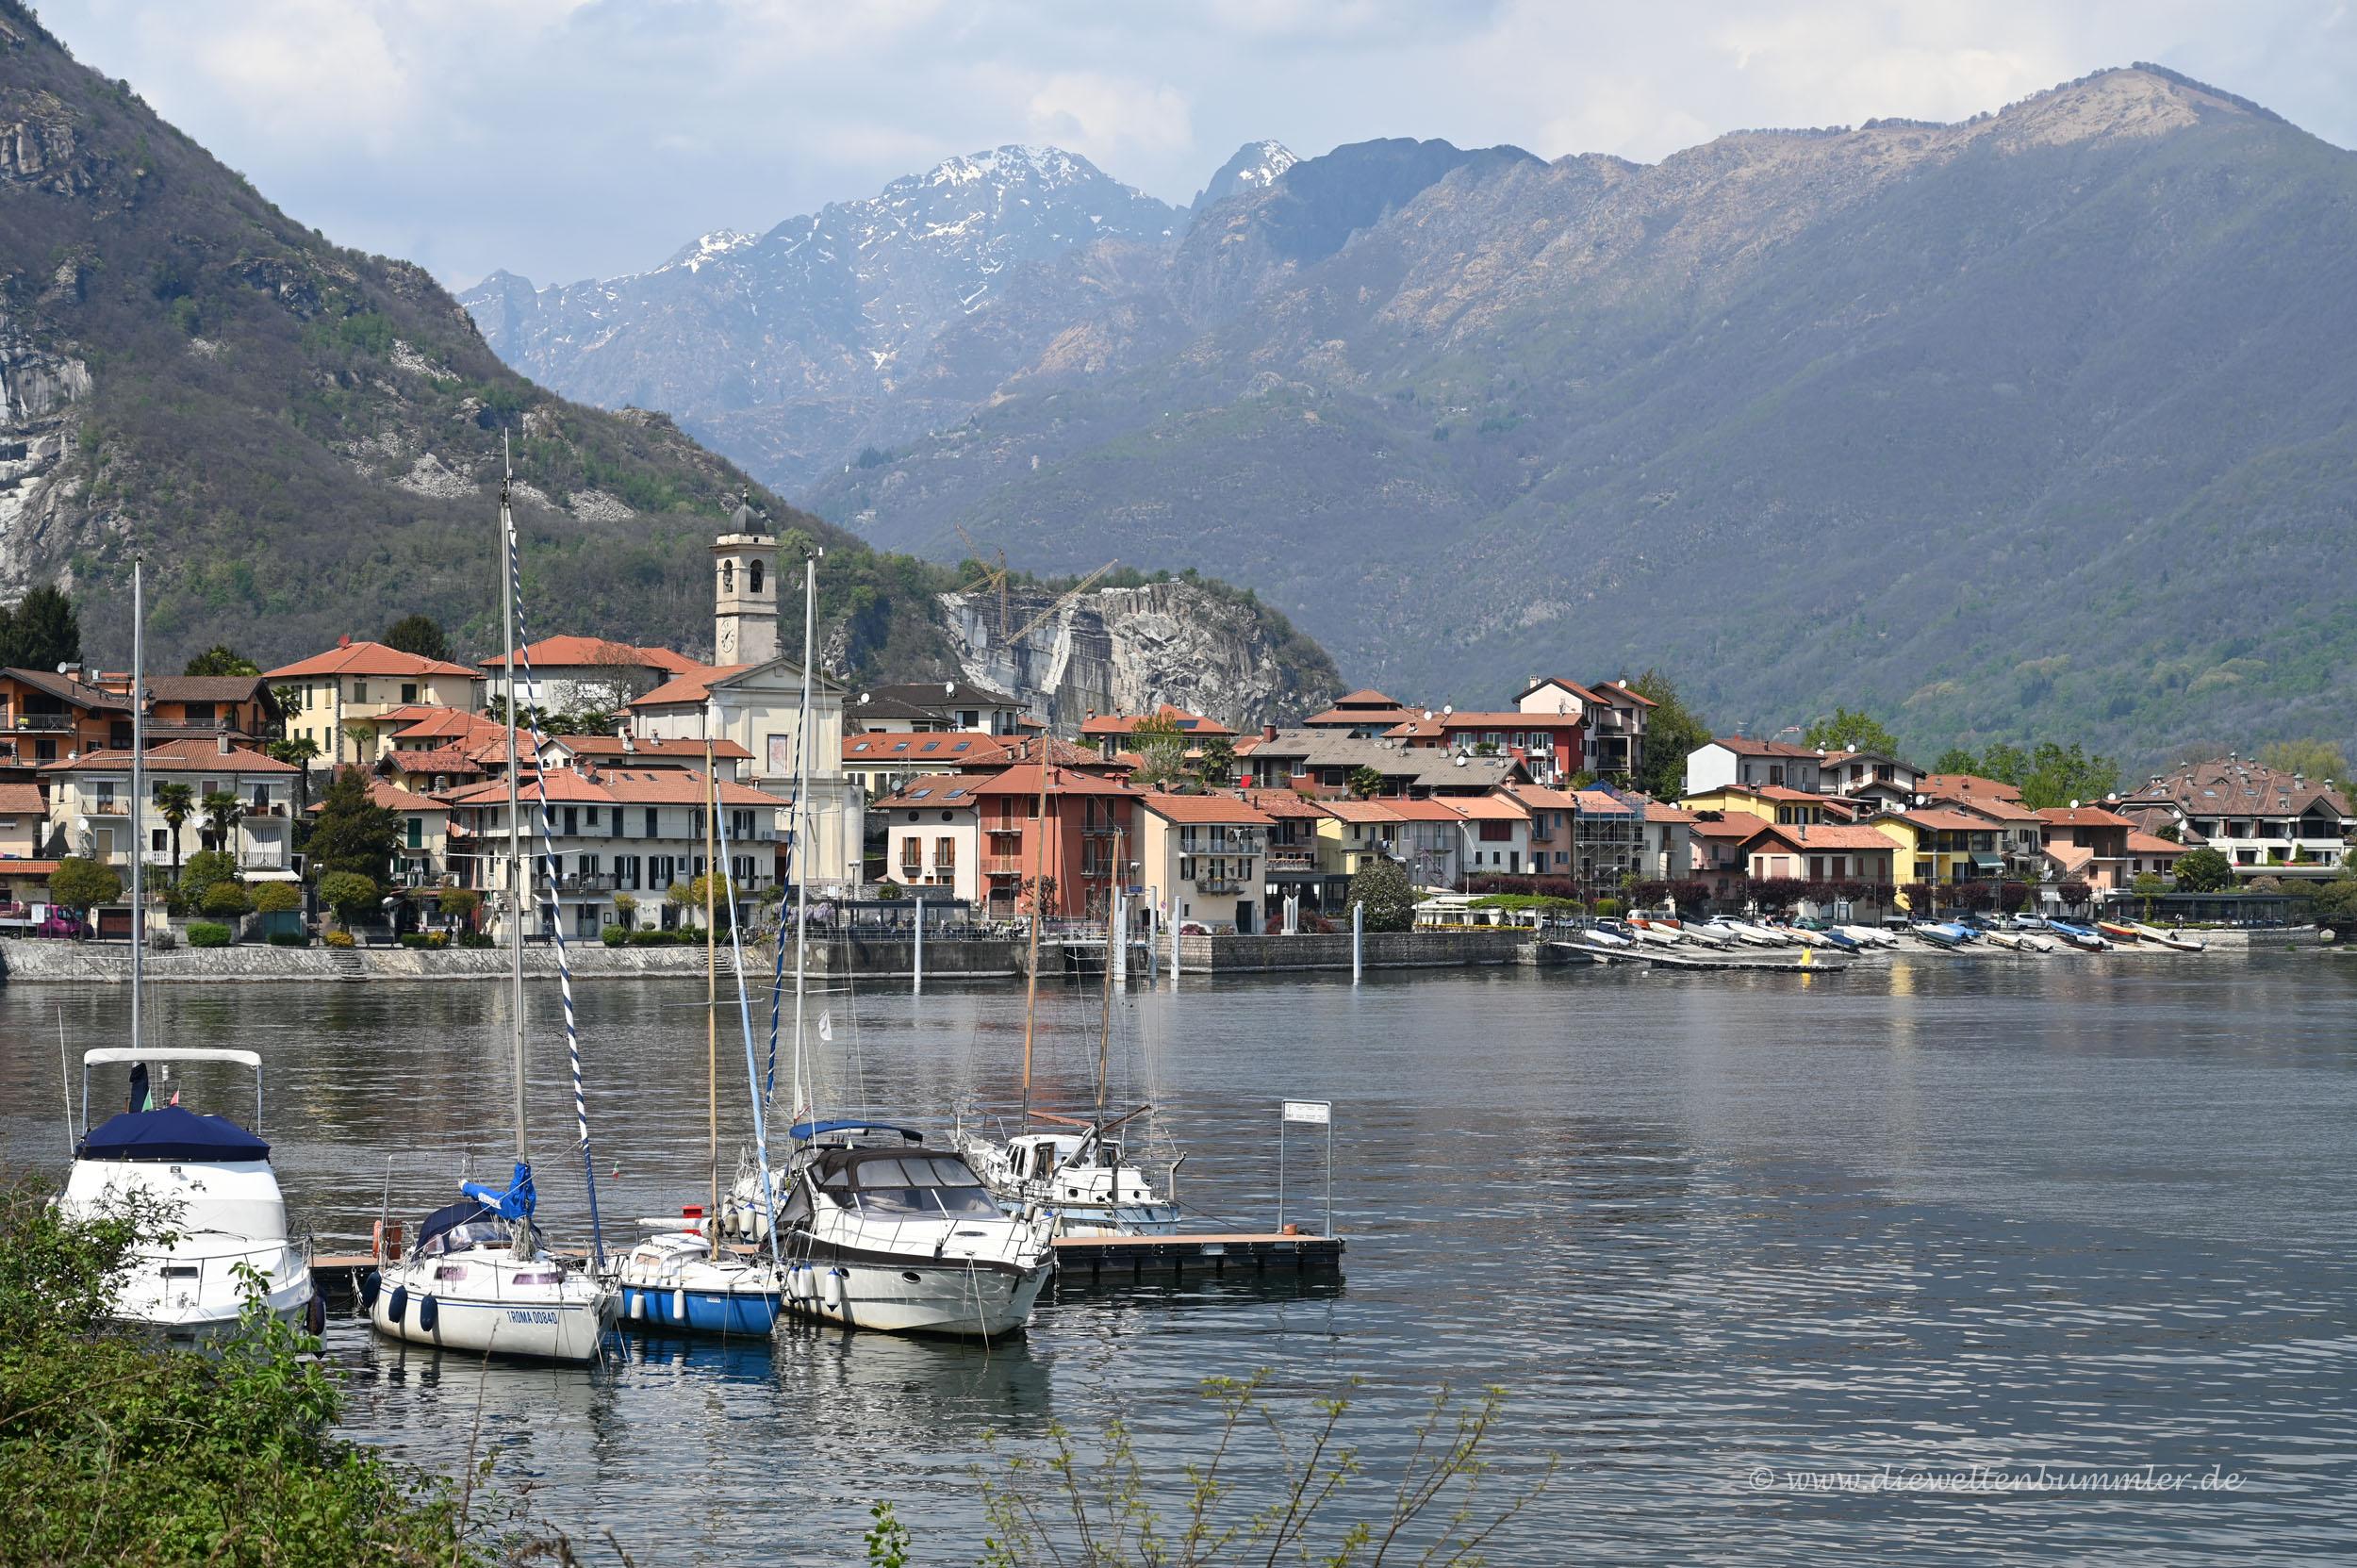 Uferlinie des Lago Maggiore